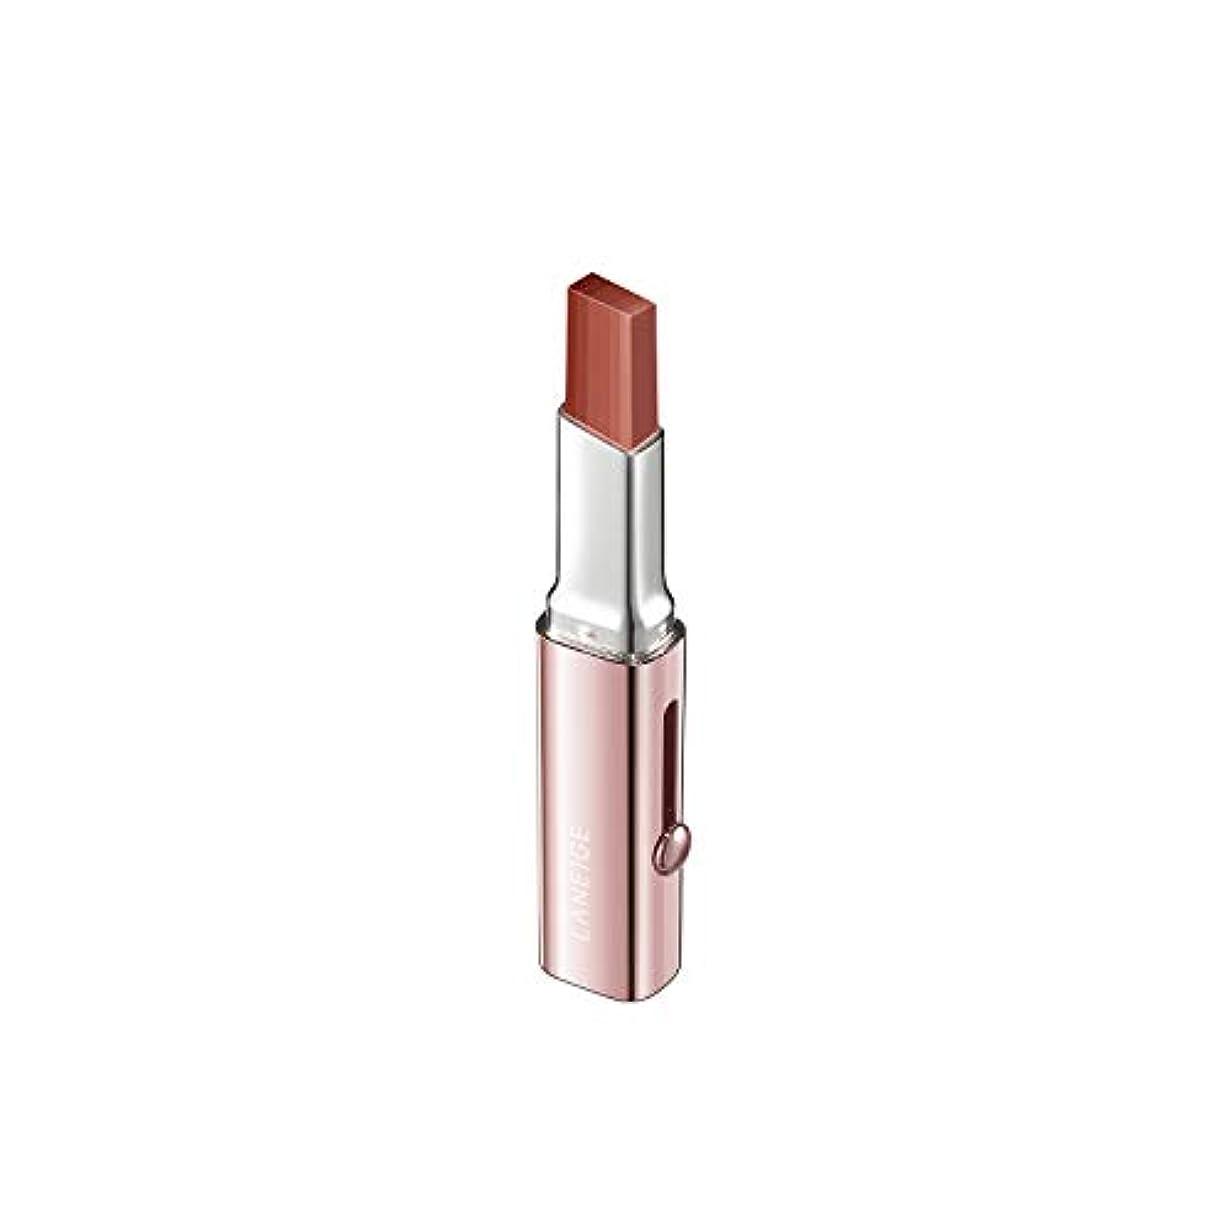 洪水鎖旅行代理店【ラネージュ】階層リップバー(1.9G)/ Layering Lip Bar-6つのカラーでのグラデーションカラー演出 (#15 SHAY BEIGE)